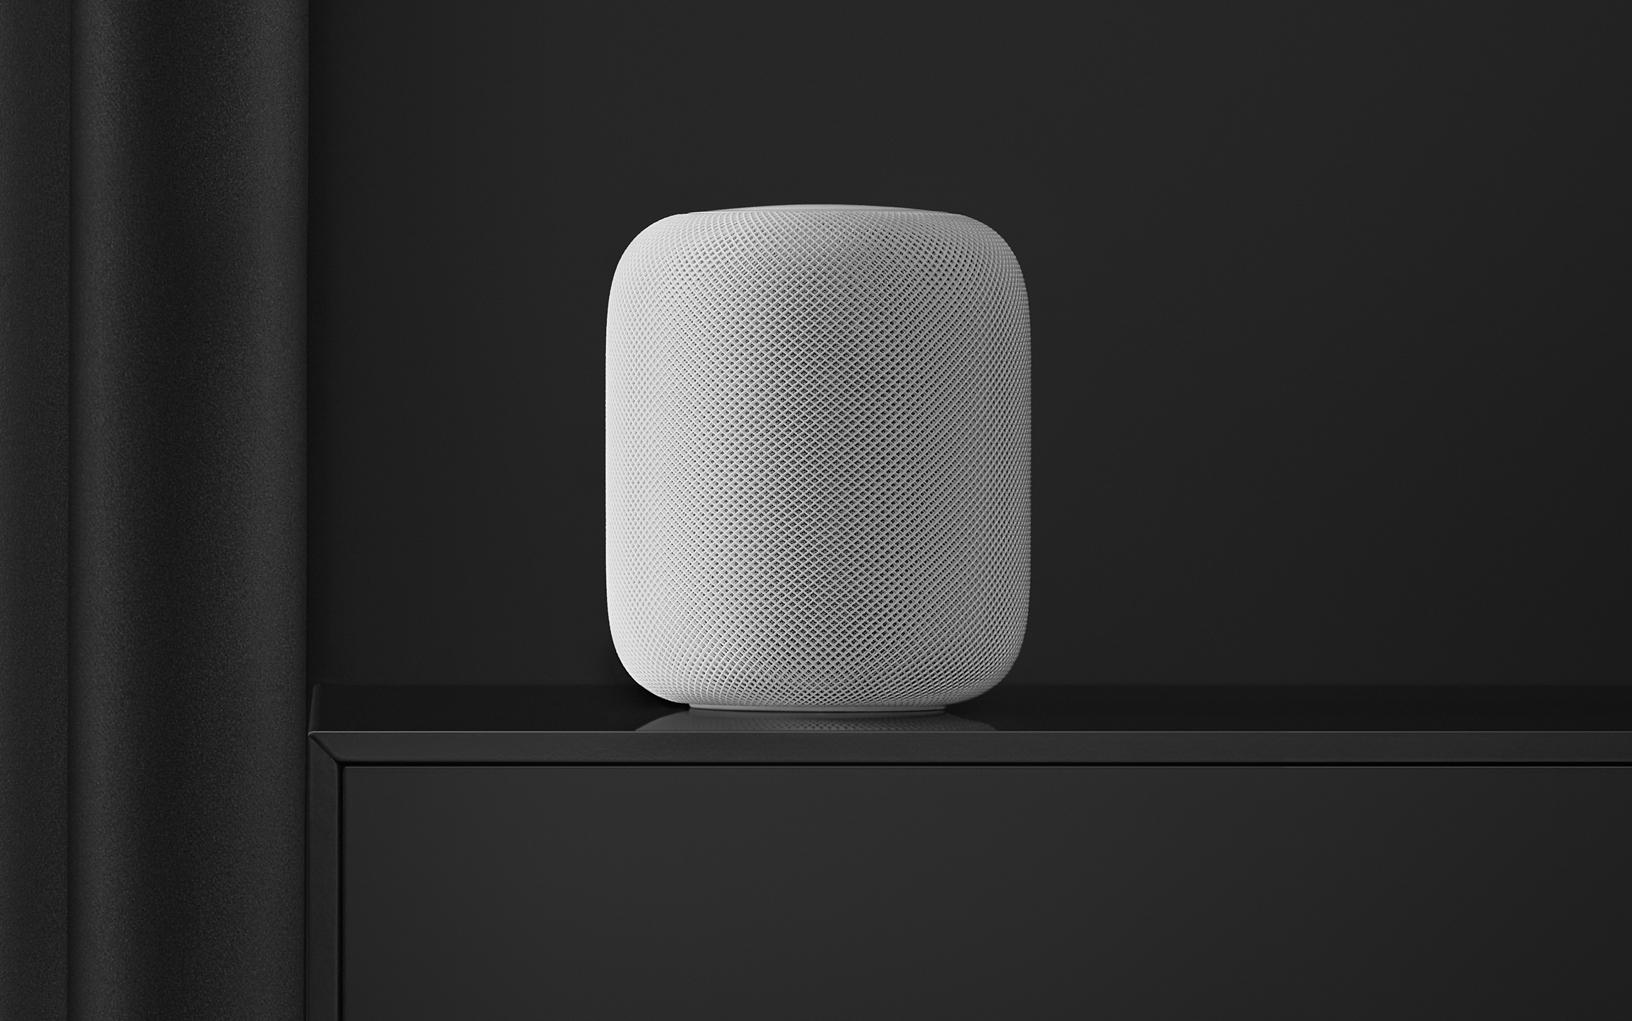 À la rentrée, Apple va subir une nouvelle taxe pour ses importations depuis la Chine